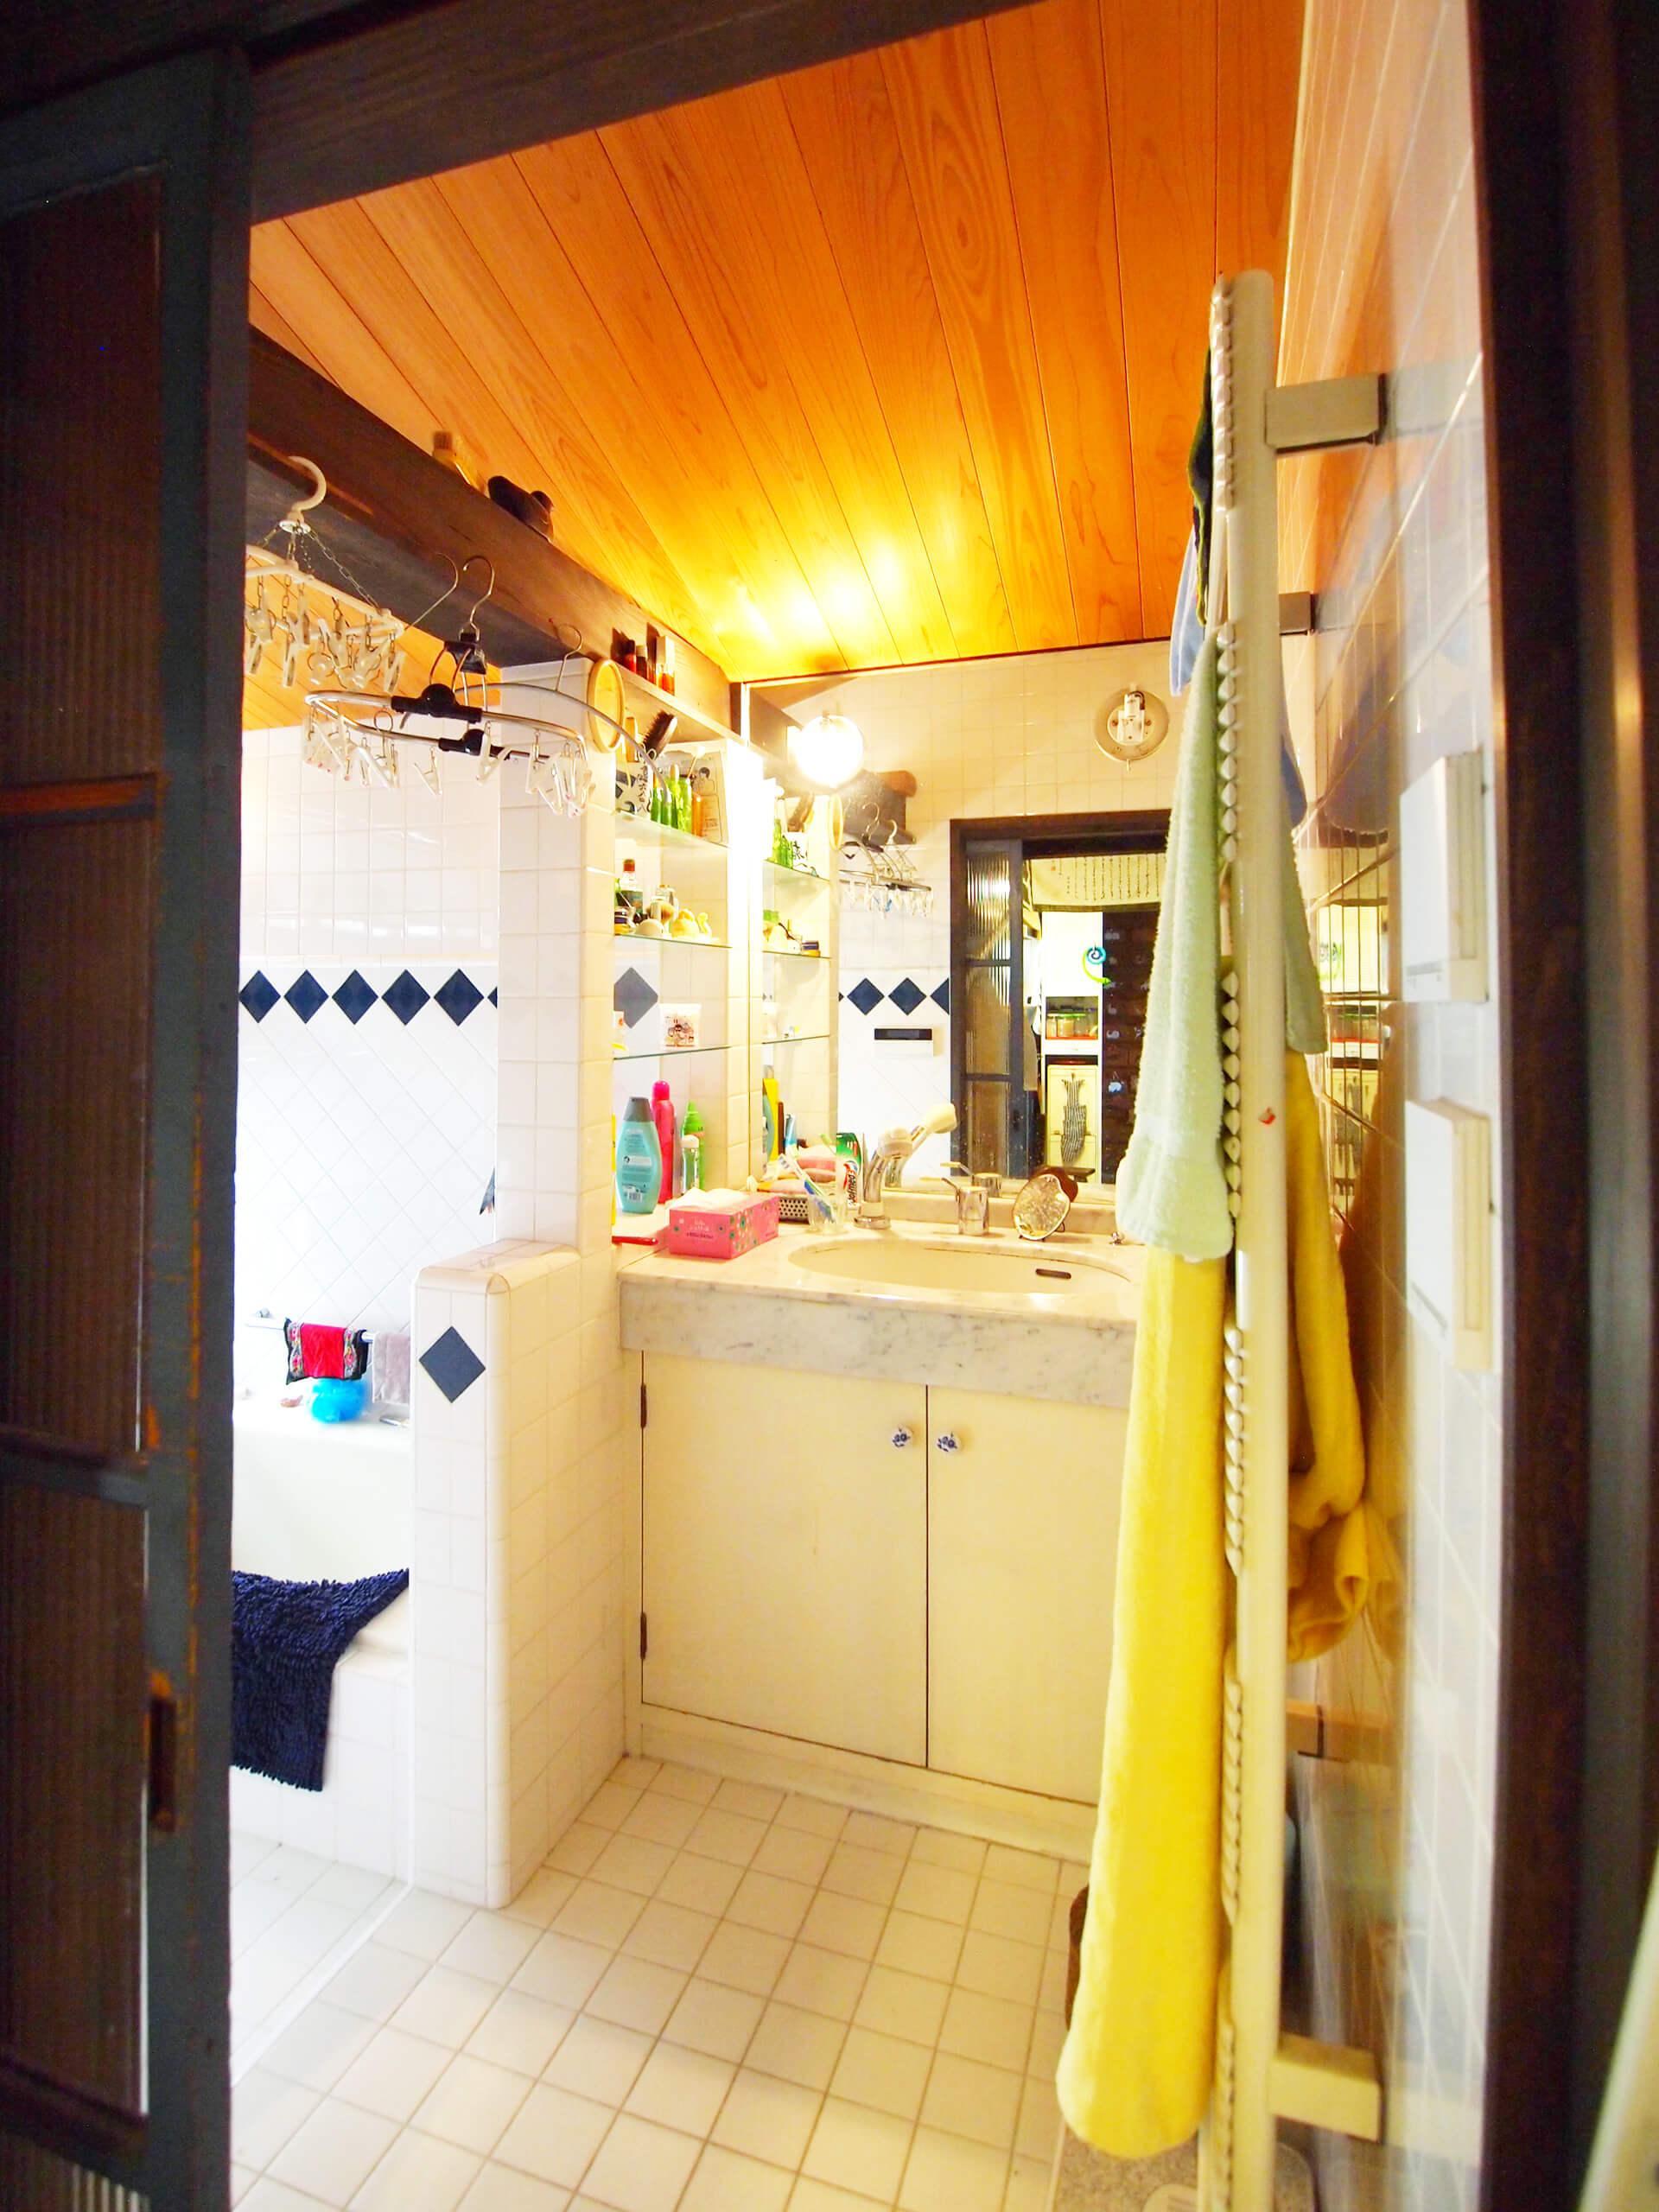 【洗面】浴室と連なった空間。ここにも床暖房付